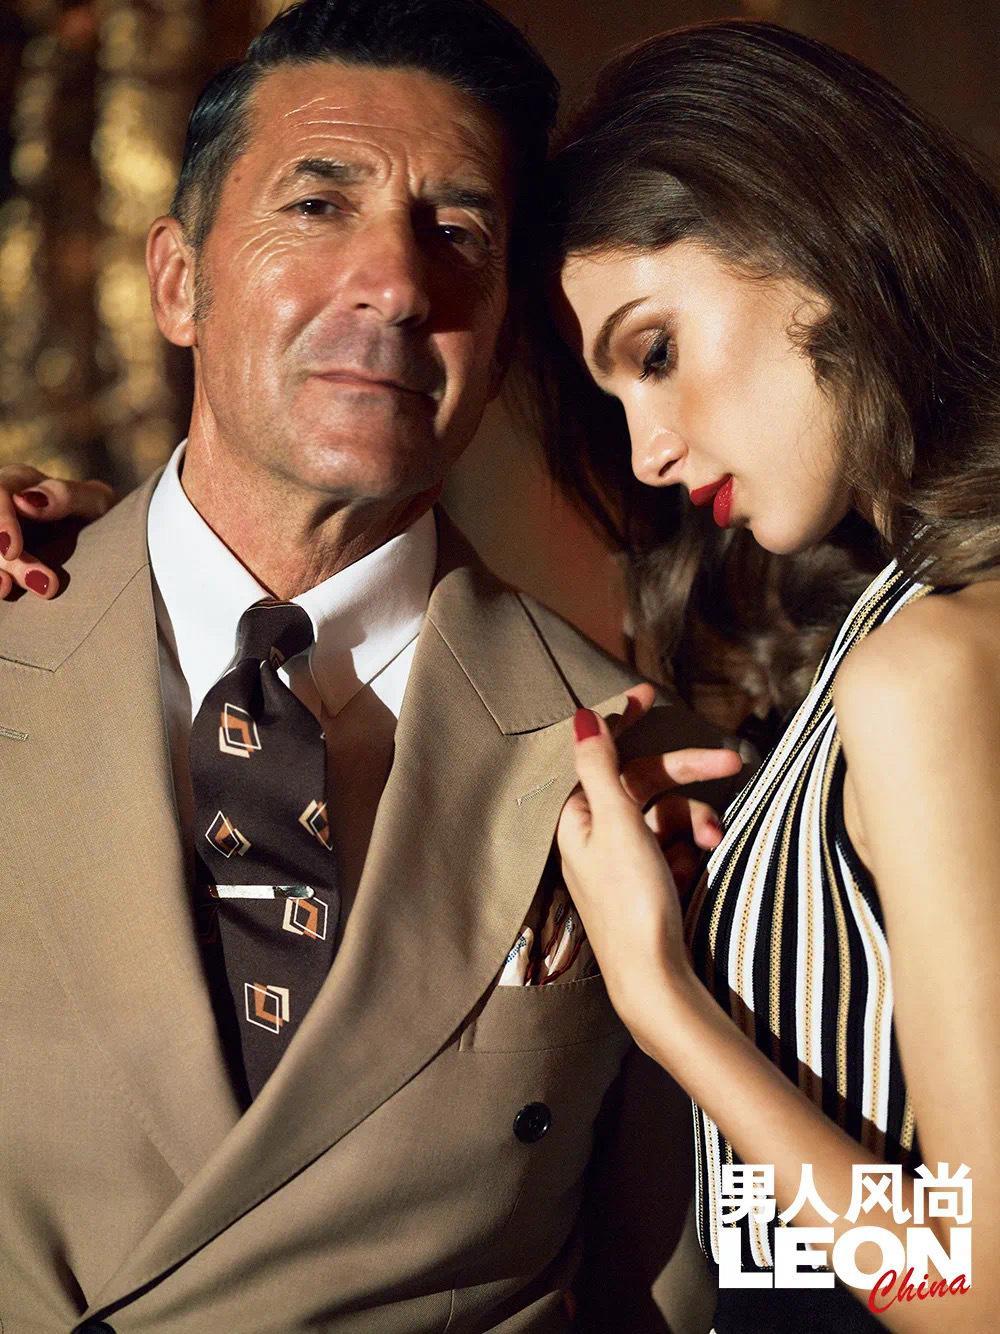 决胜西装一定要打领带,基本前提要满足,然后就是个性发挥了